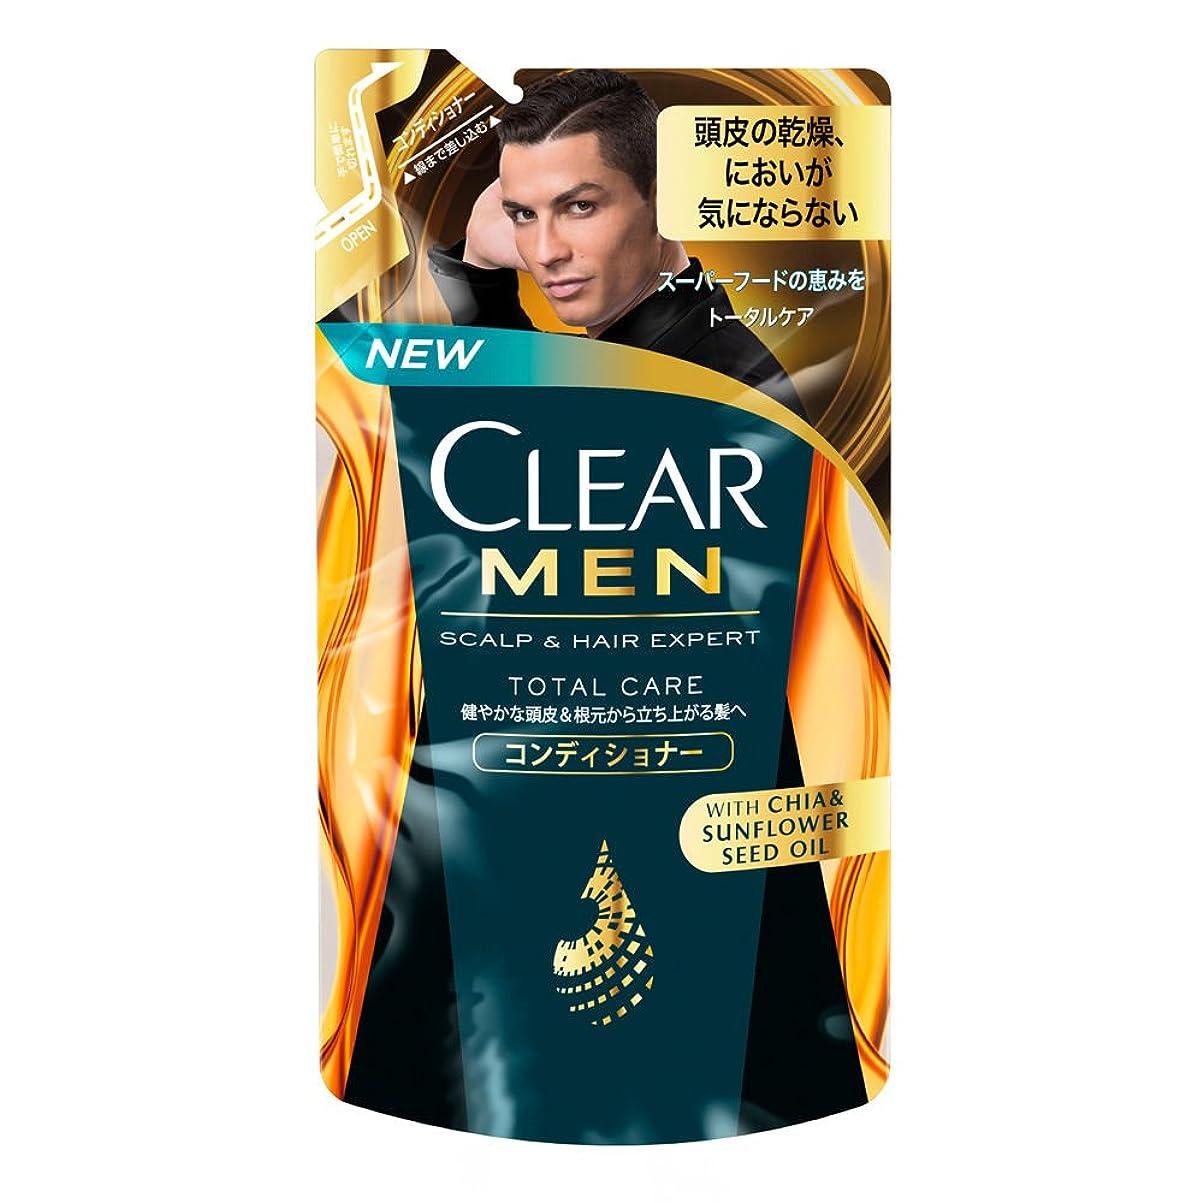 警告する薄汚いふざけたクリア フォーメン トータルケア 男性用コンディショナー つめかえ用 (健やかな頭皮へ) 280g